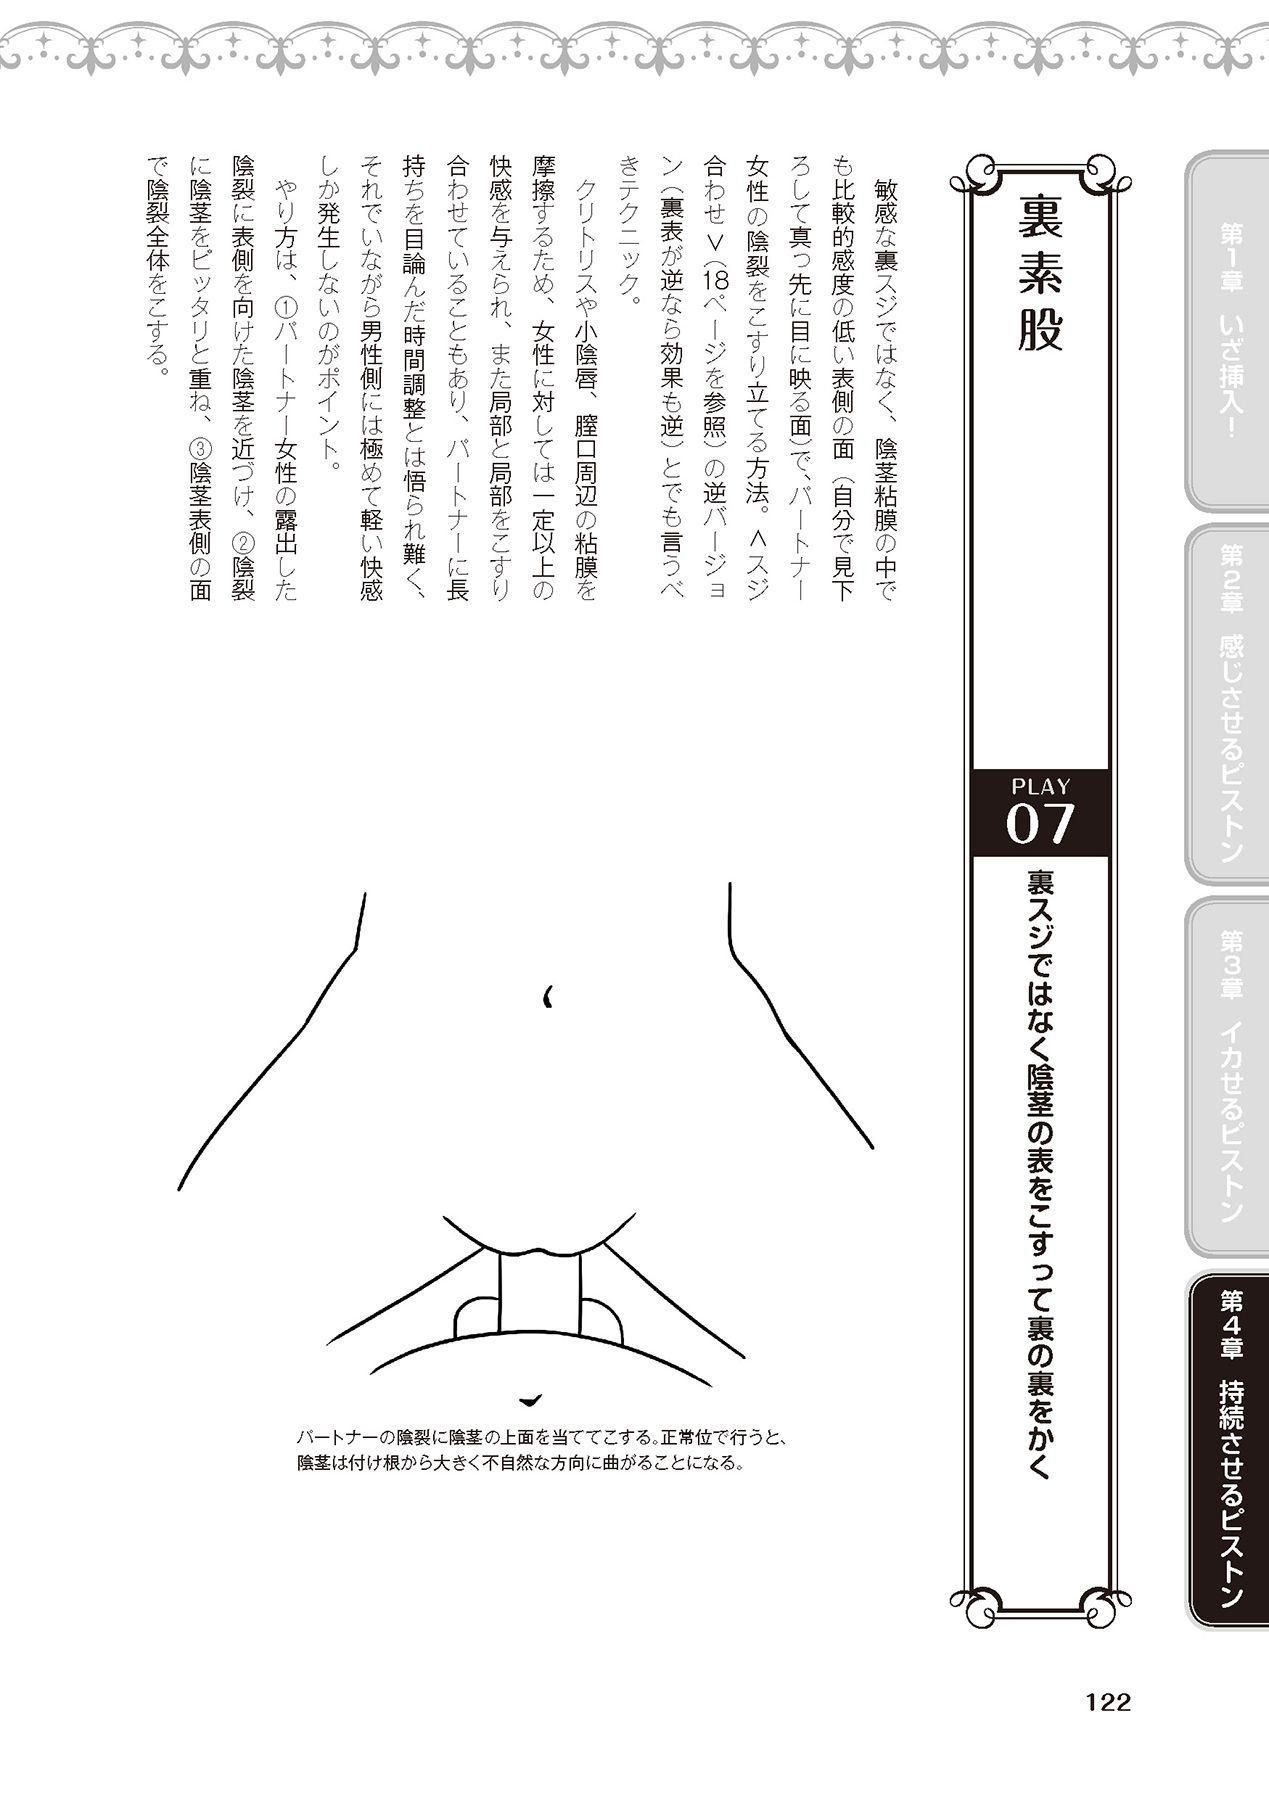 膣挿入&ピストン運動完全マニュアル イラスト版……ピスとんッ! 123